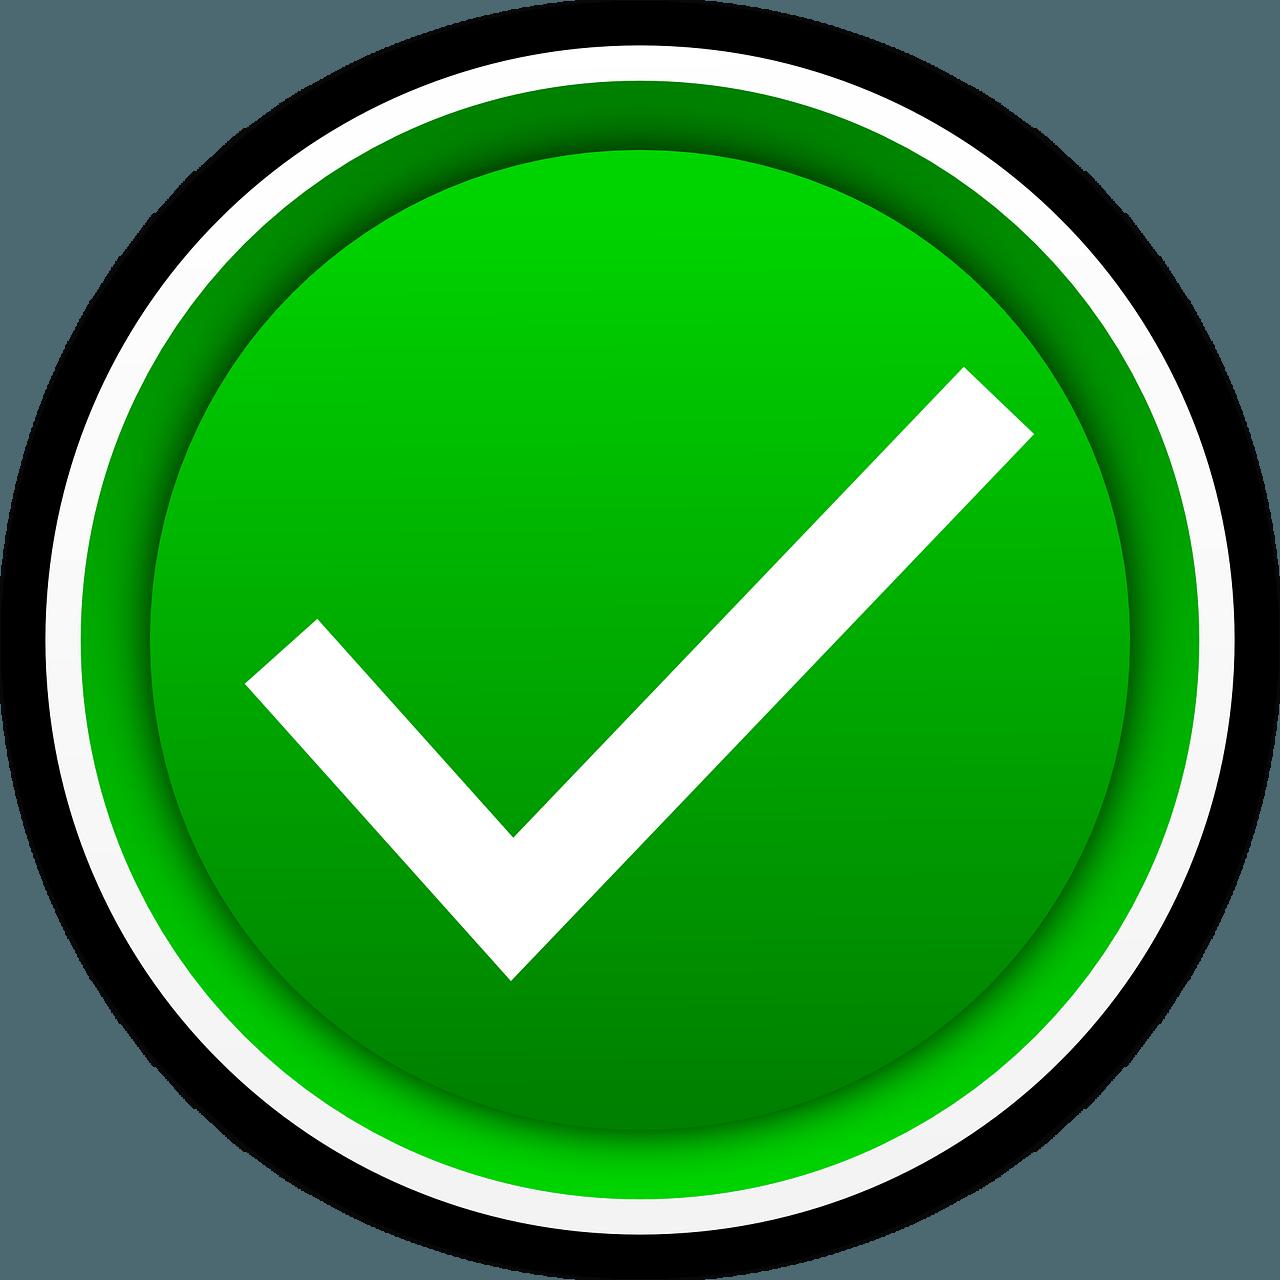 alta floresta contas eleitorais dos progressistas sao aprovadas pelo tre - Alta Floresta: Contas eleitorais dos Progressistas são aprovadas pelo TRE - progressistas rondônia